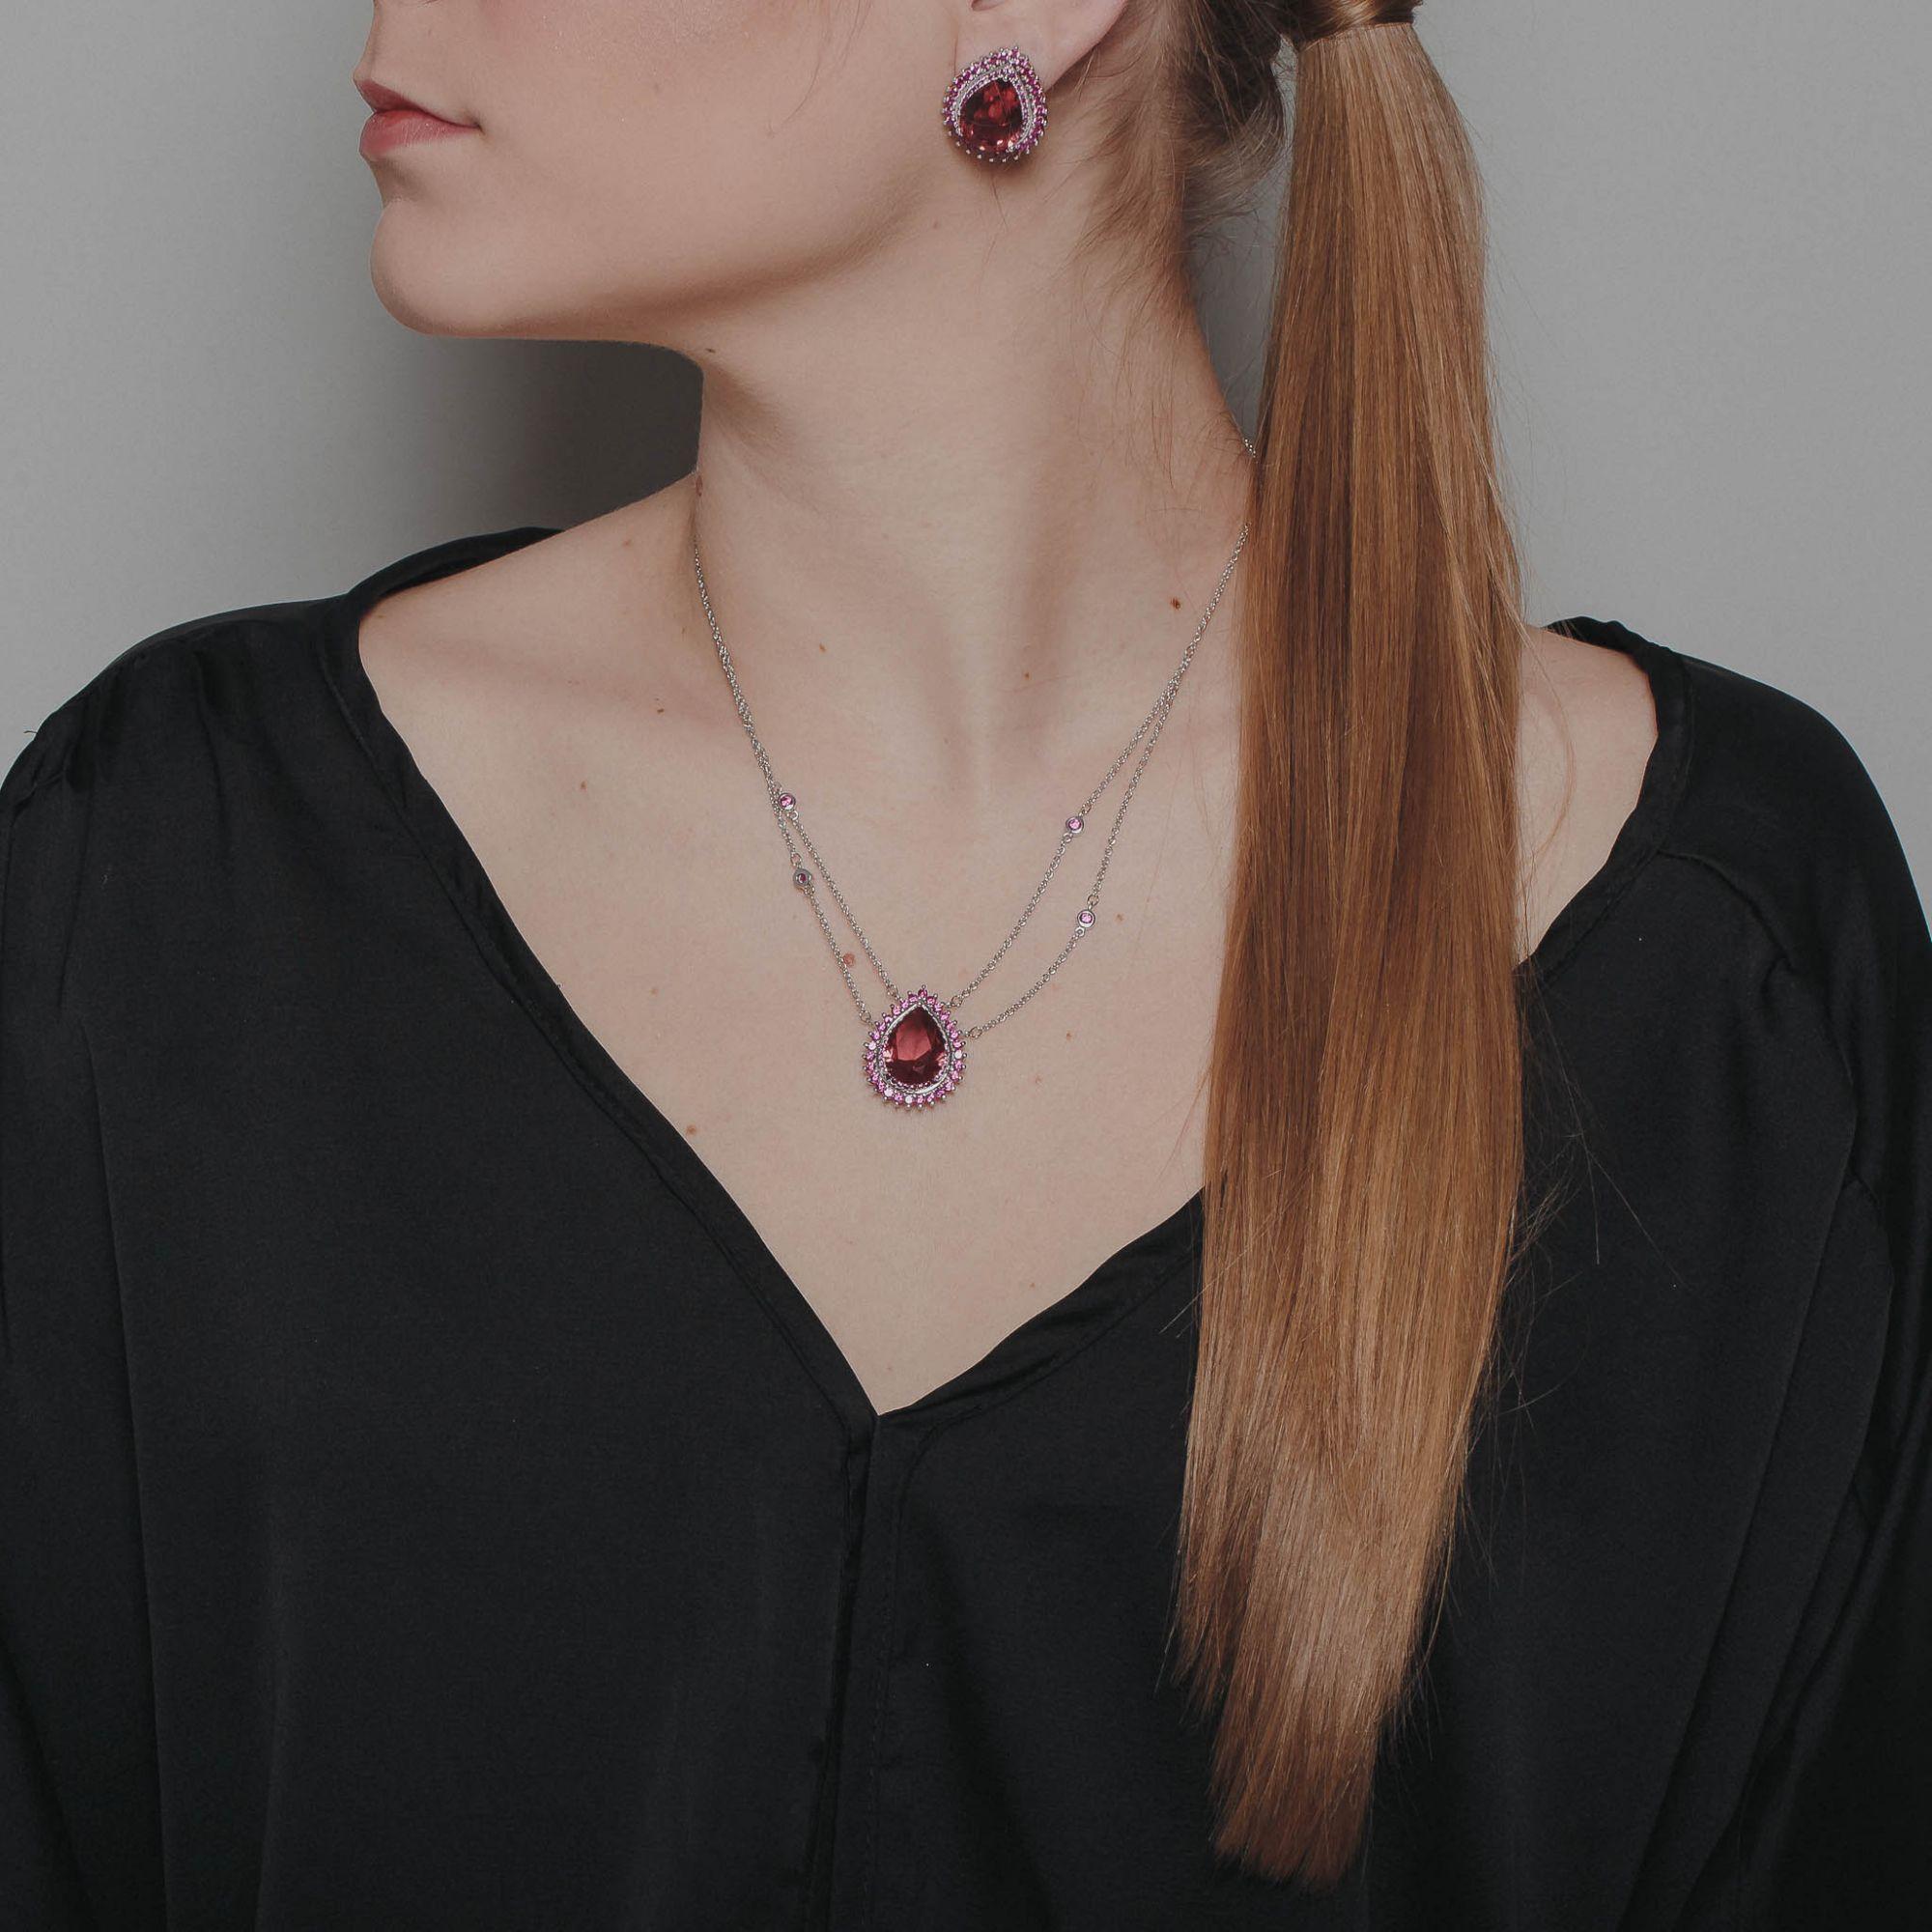 Conjunto max gotas de zircônias rubis no banho de ródio branco.  - romabrazil.com.br